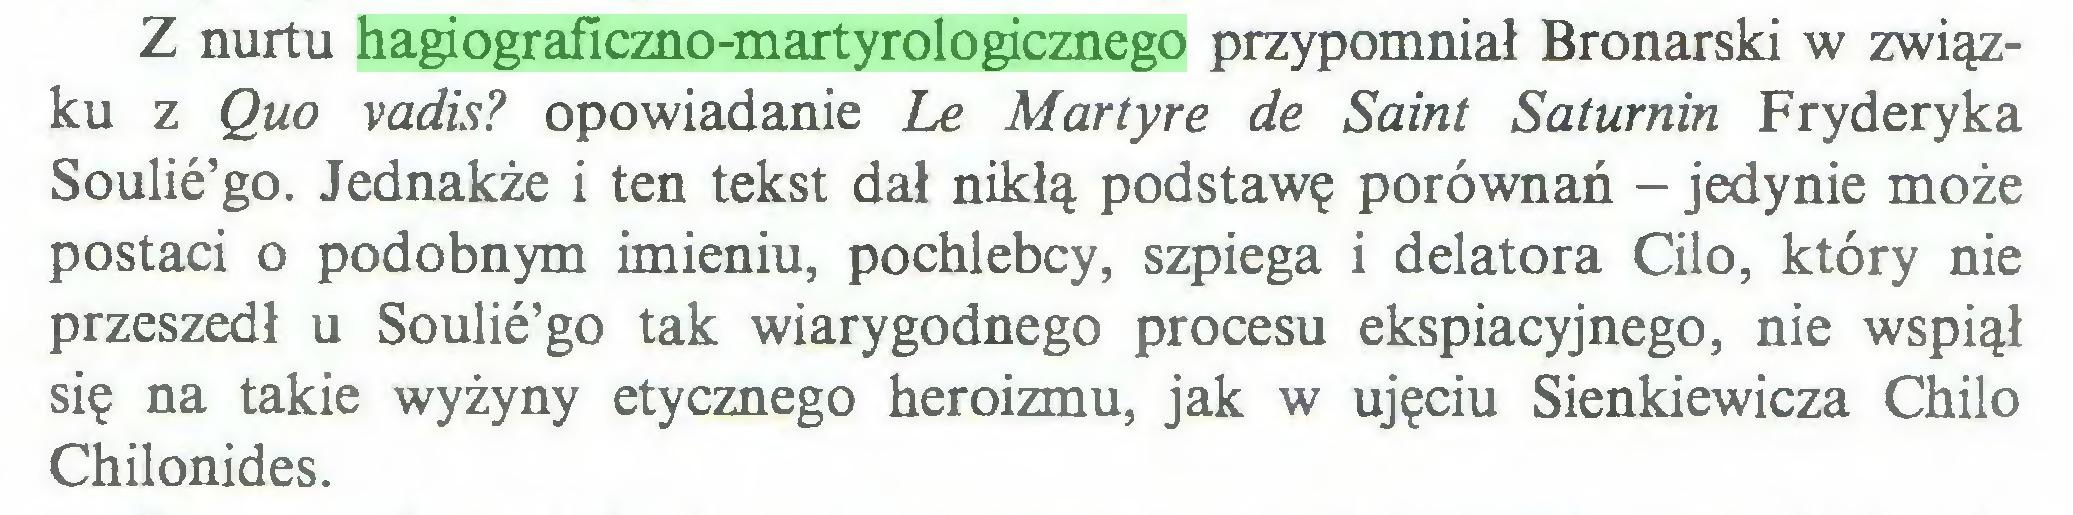 (...) Z nurtu hagiograficzno-martyrologicznego przypomniał Bronarski w związku z Quo vadis? opowiadanie Le Martyre de Saint Saturnin Fryderyka Soulie'go. Jednakże i ten tekst dał nikłą podstawę porównań - jedynie może postaci o podobnym imieniu, pochlebcy, szpiega i delatora Cilo, który nie przeszedł u Soulie'go tak wiarygodnego procesu ekspiacyjnego, nie wspiął się na takie wyżyny etycznego heroizmu, jak w ujęciu Sienkiewicza Chilo Chilonides...